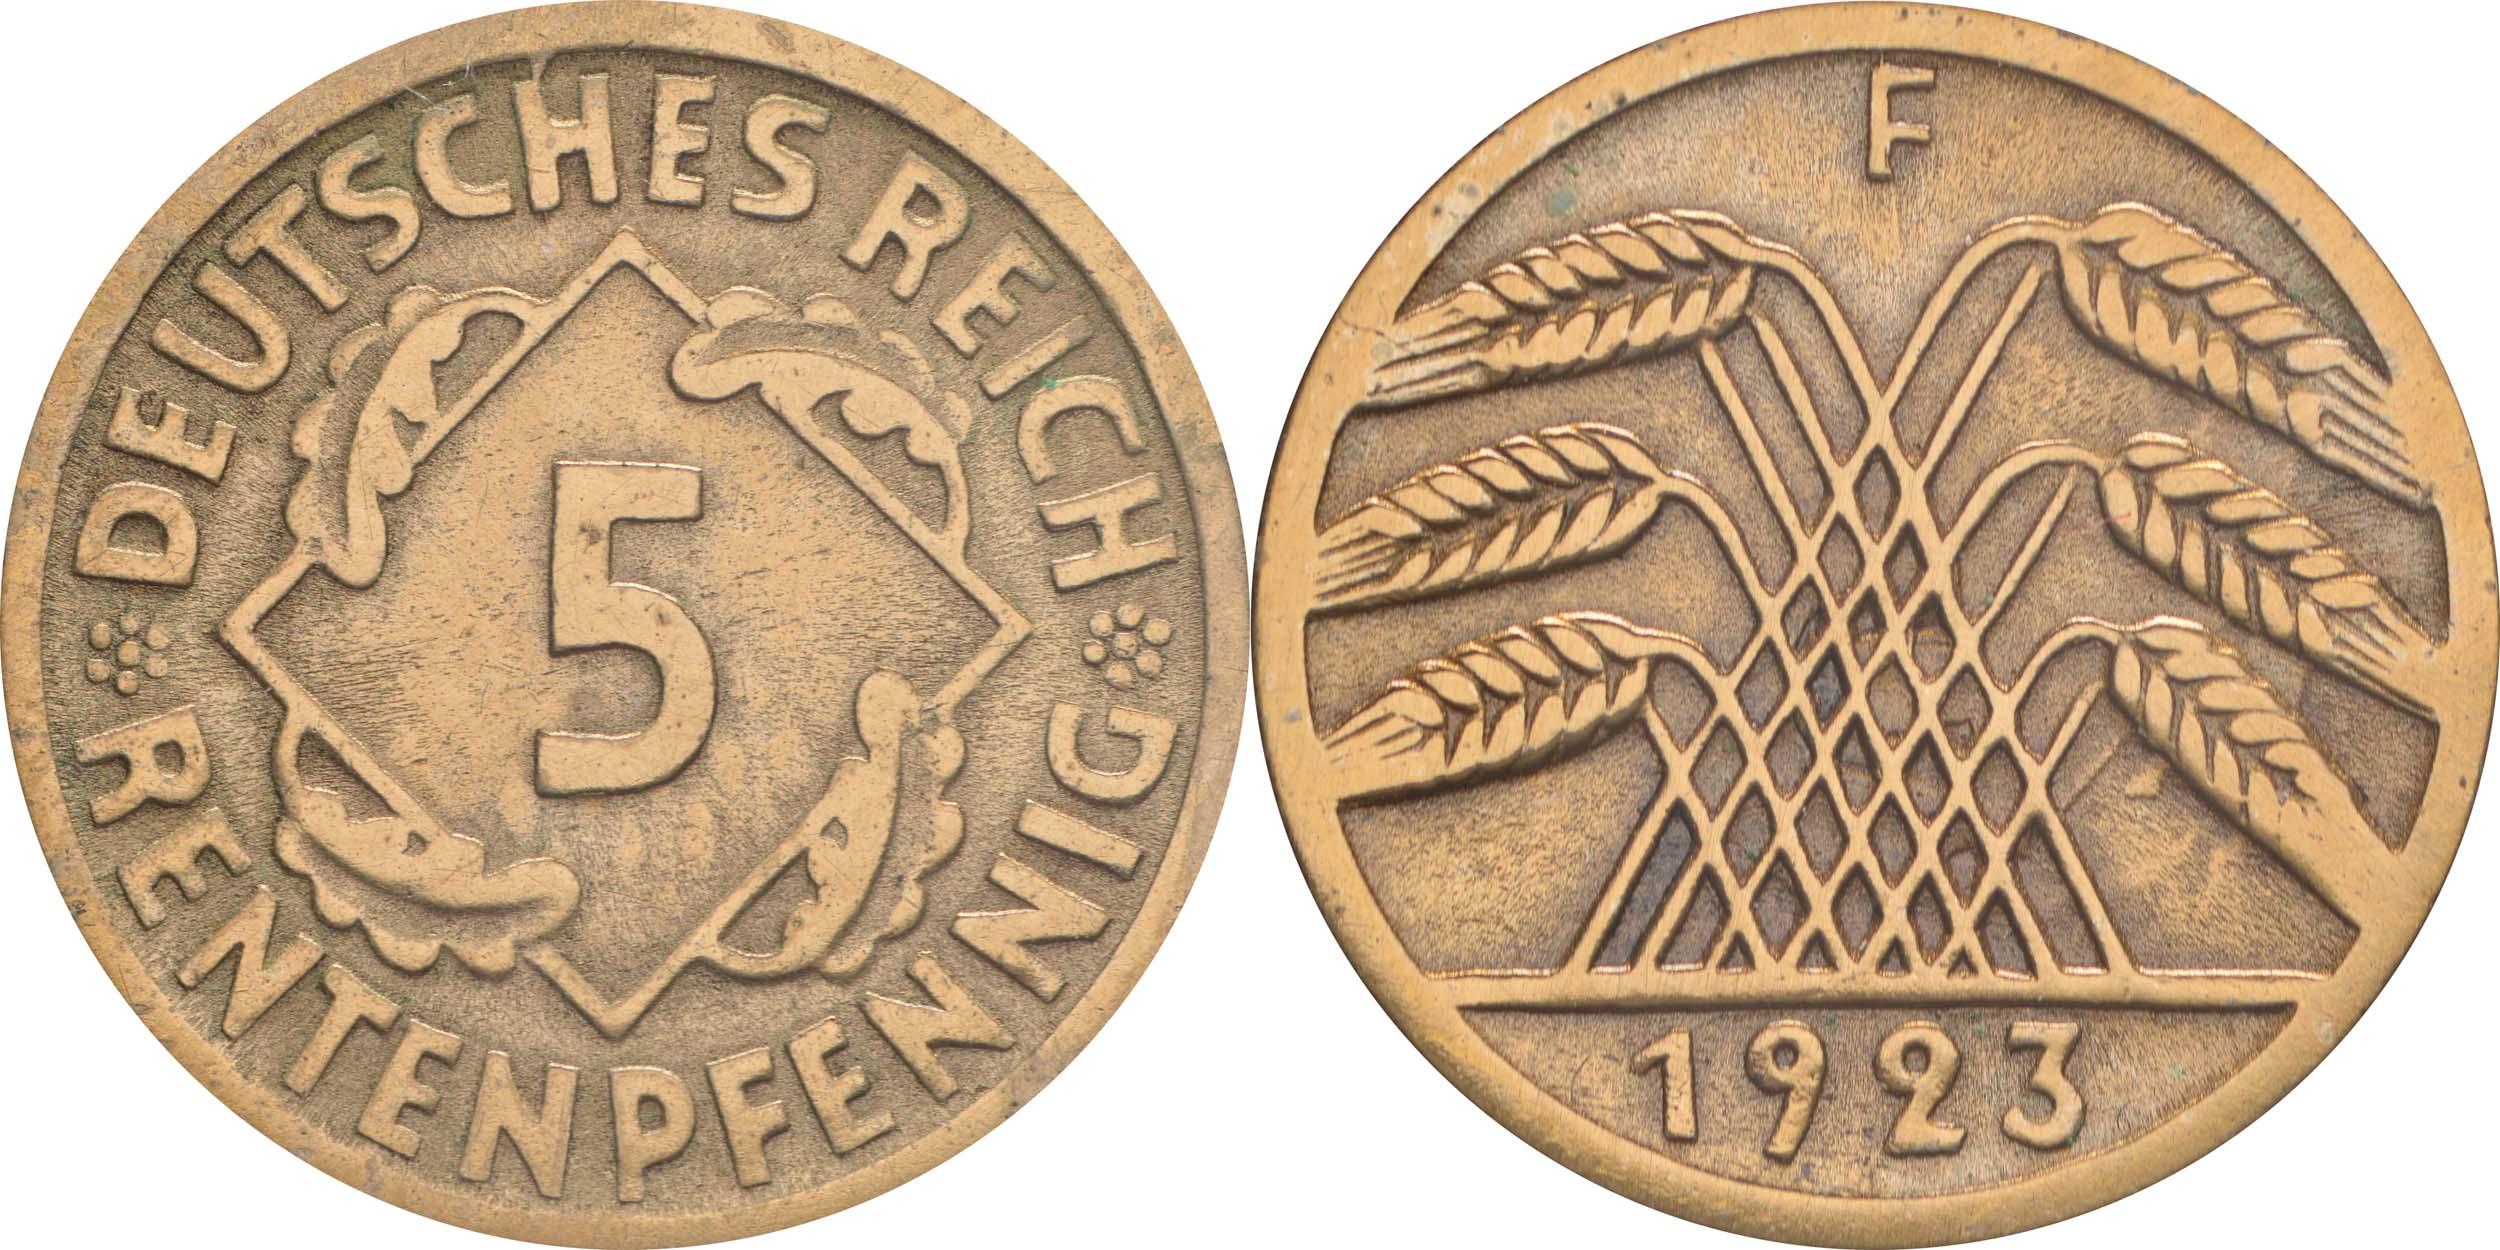 Deutschland : 5 Rentenpfennig Kursmünze  1923 ss/vz.